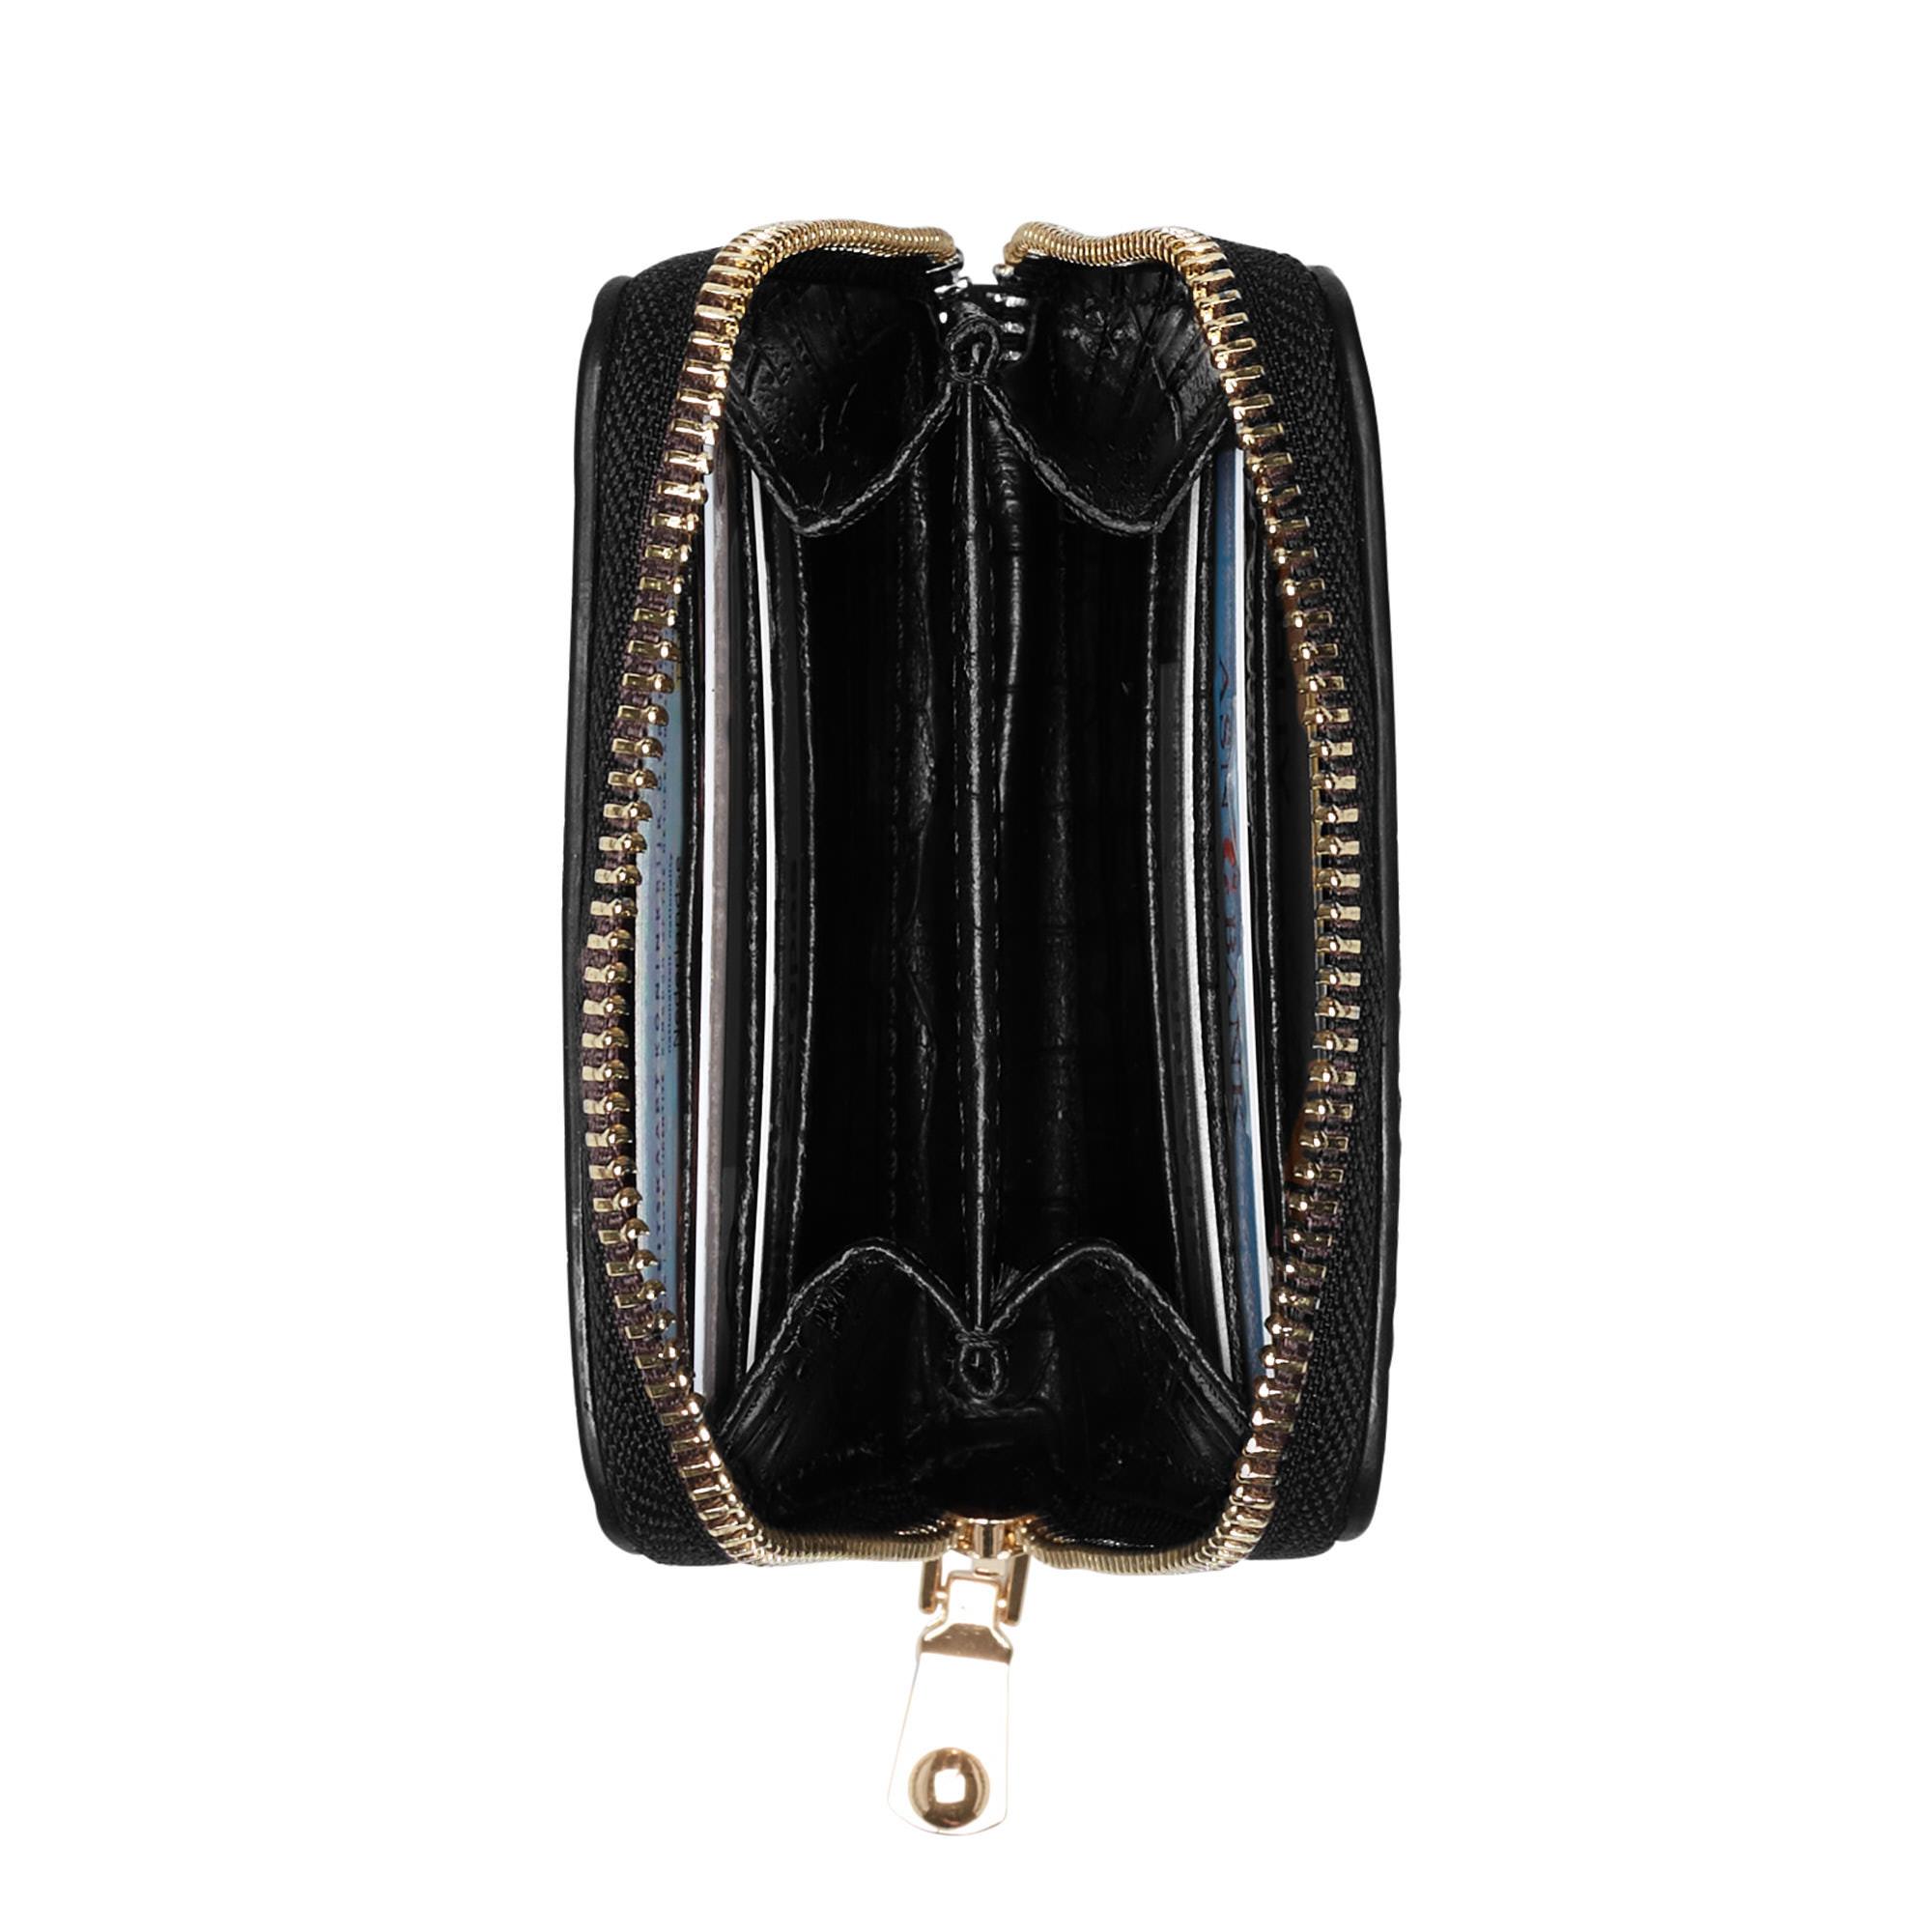 Isabel Bernard Honoré Jules kroko schwarze Reißverschluss-Portemonnaie aus Kalbsleder